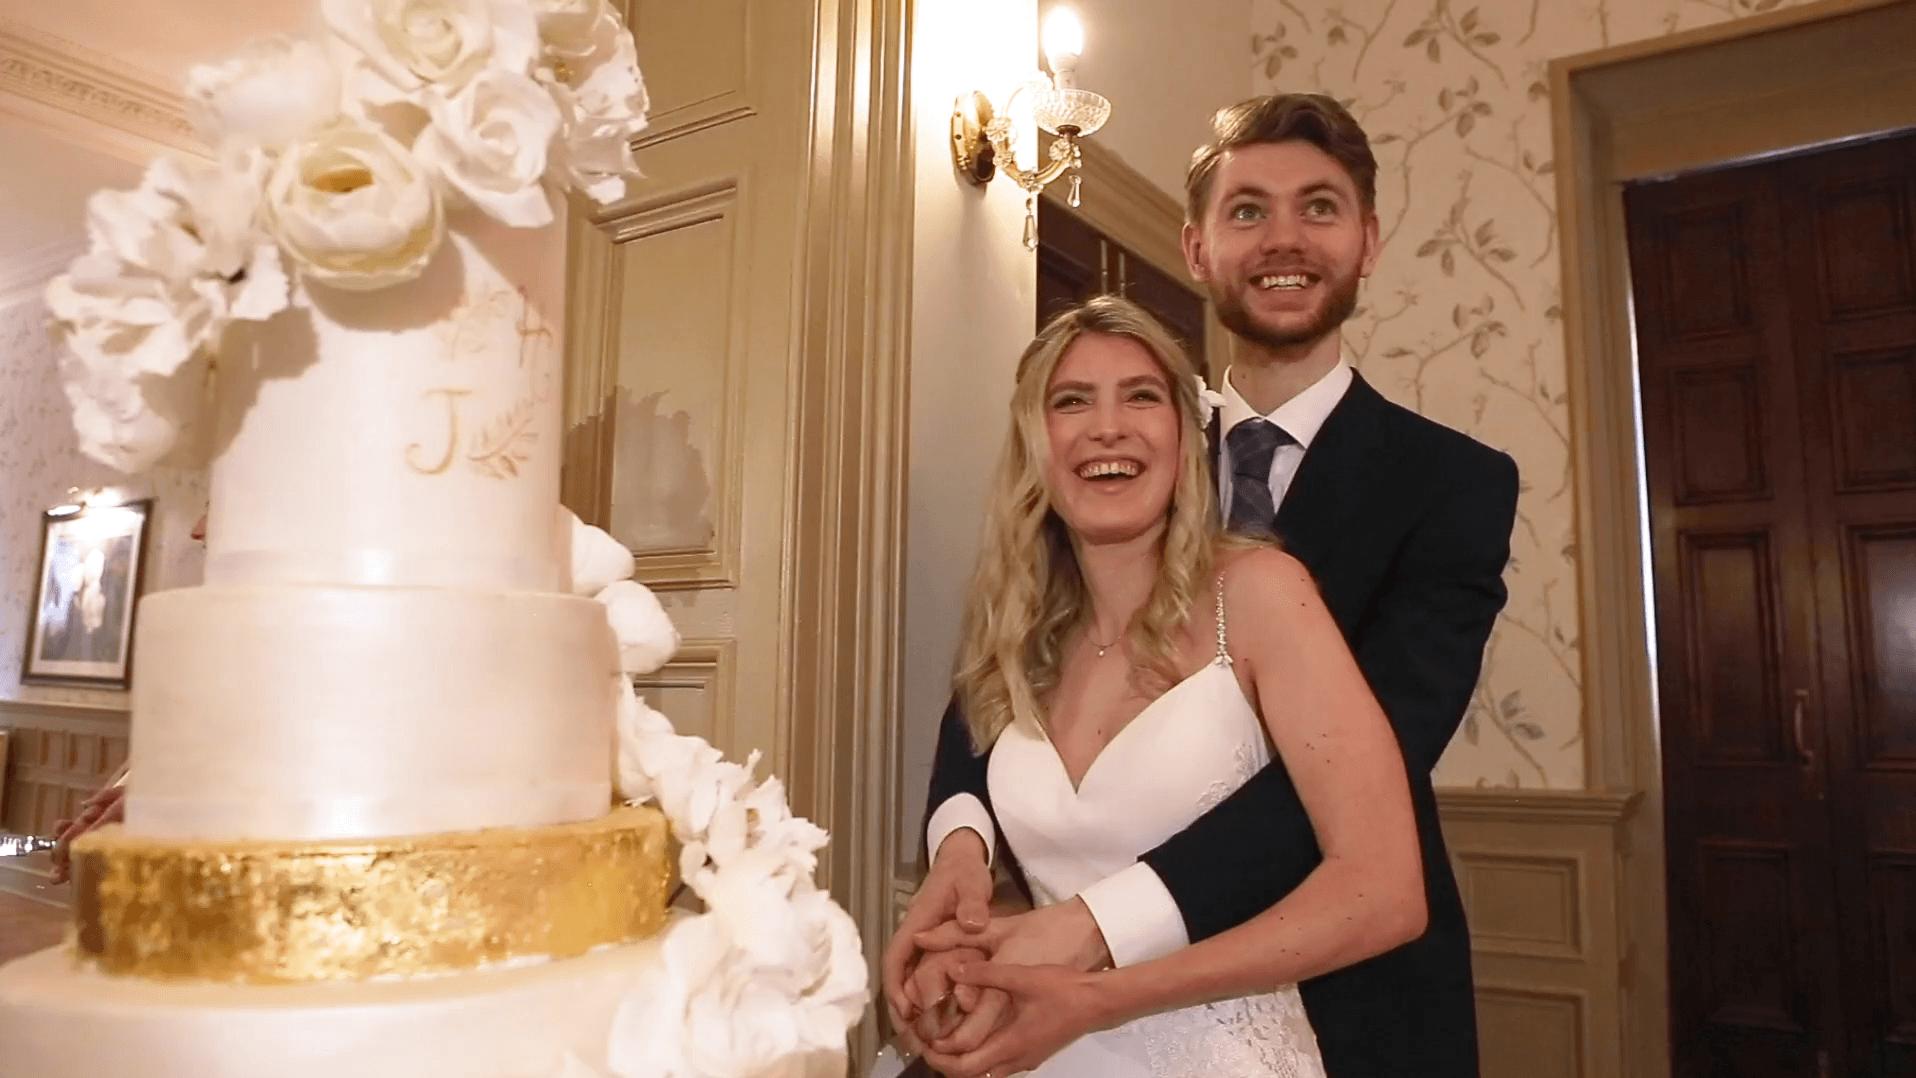 Luxury Large Wedding Cake , The Cake Architect, Bradford-on-Avon, Limpley stoke Bath